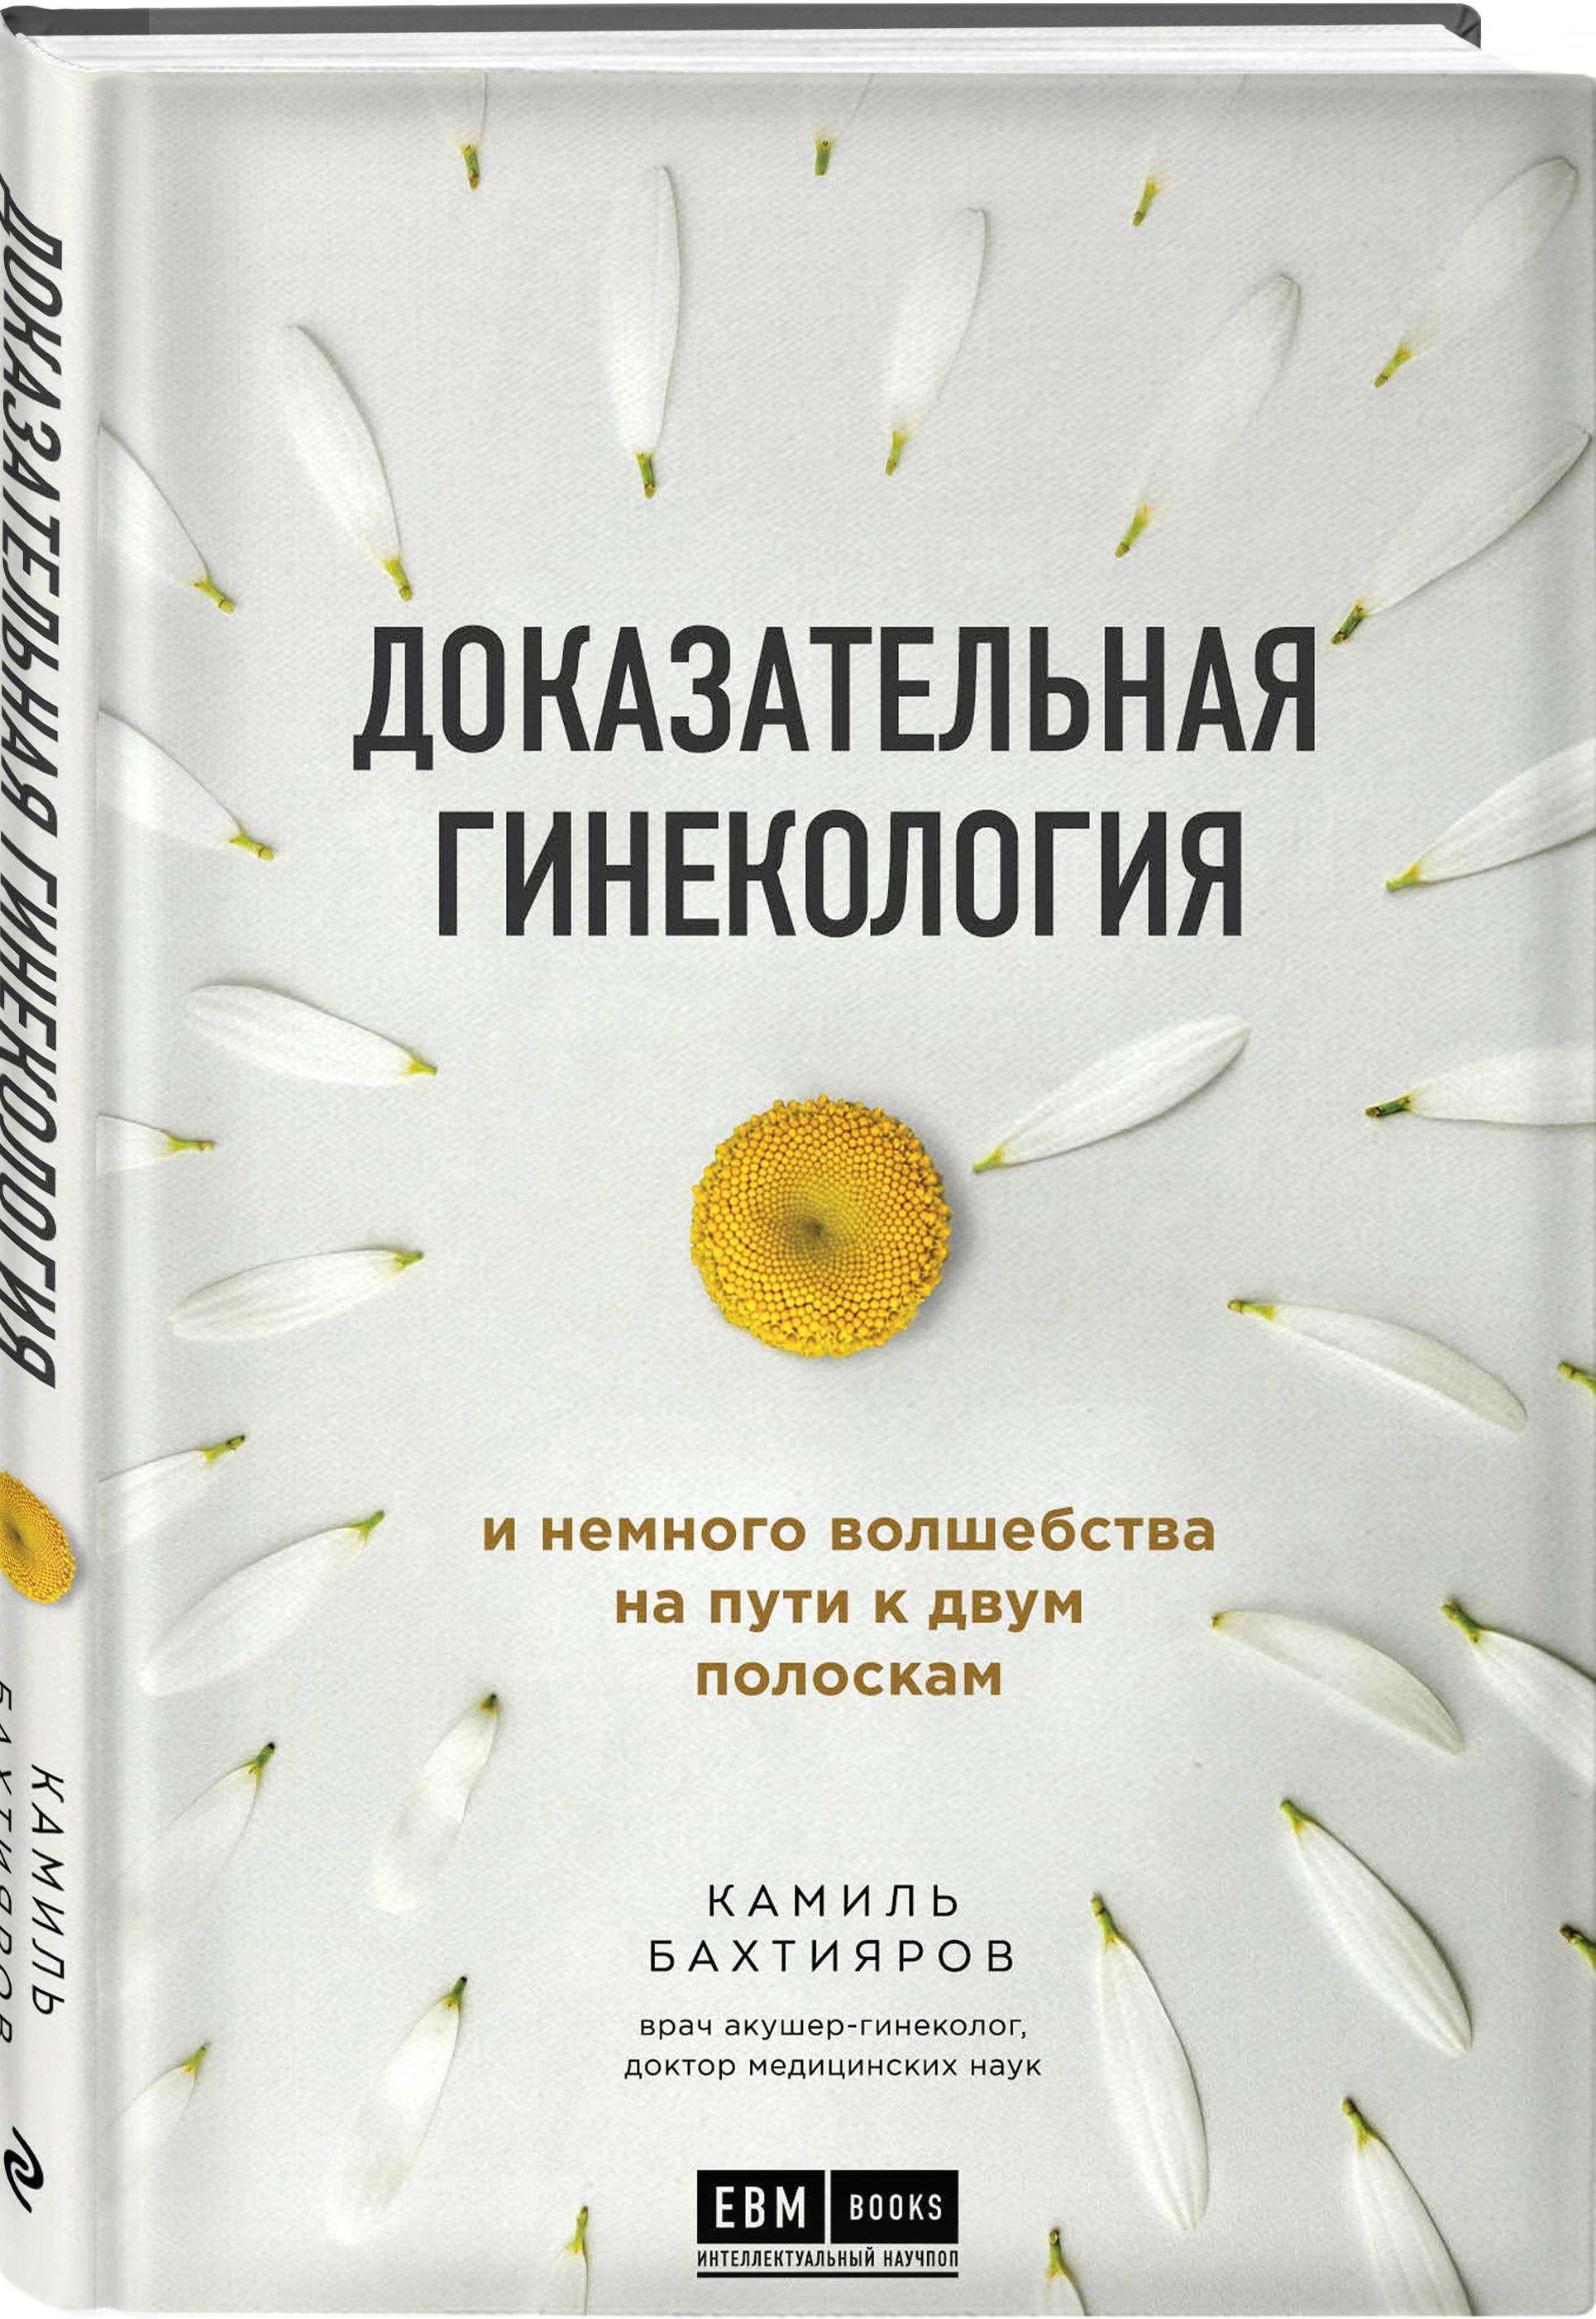 Доказательная гинекология и немного волшебства на пути к двум полоскам ( Бахтияров Камиль Рафаэльевич  )